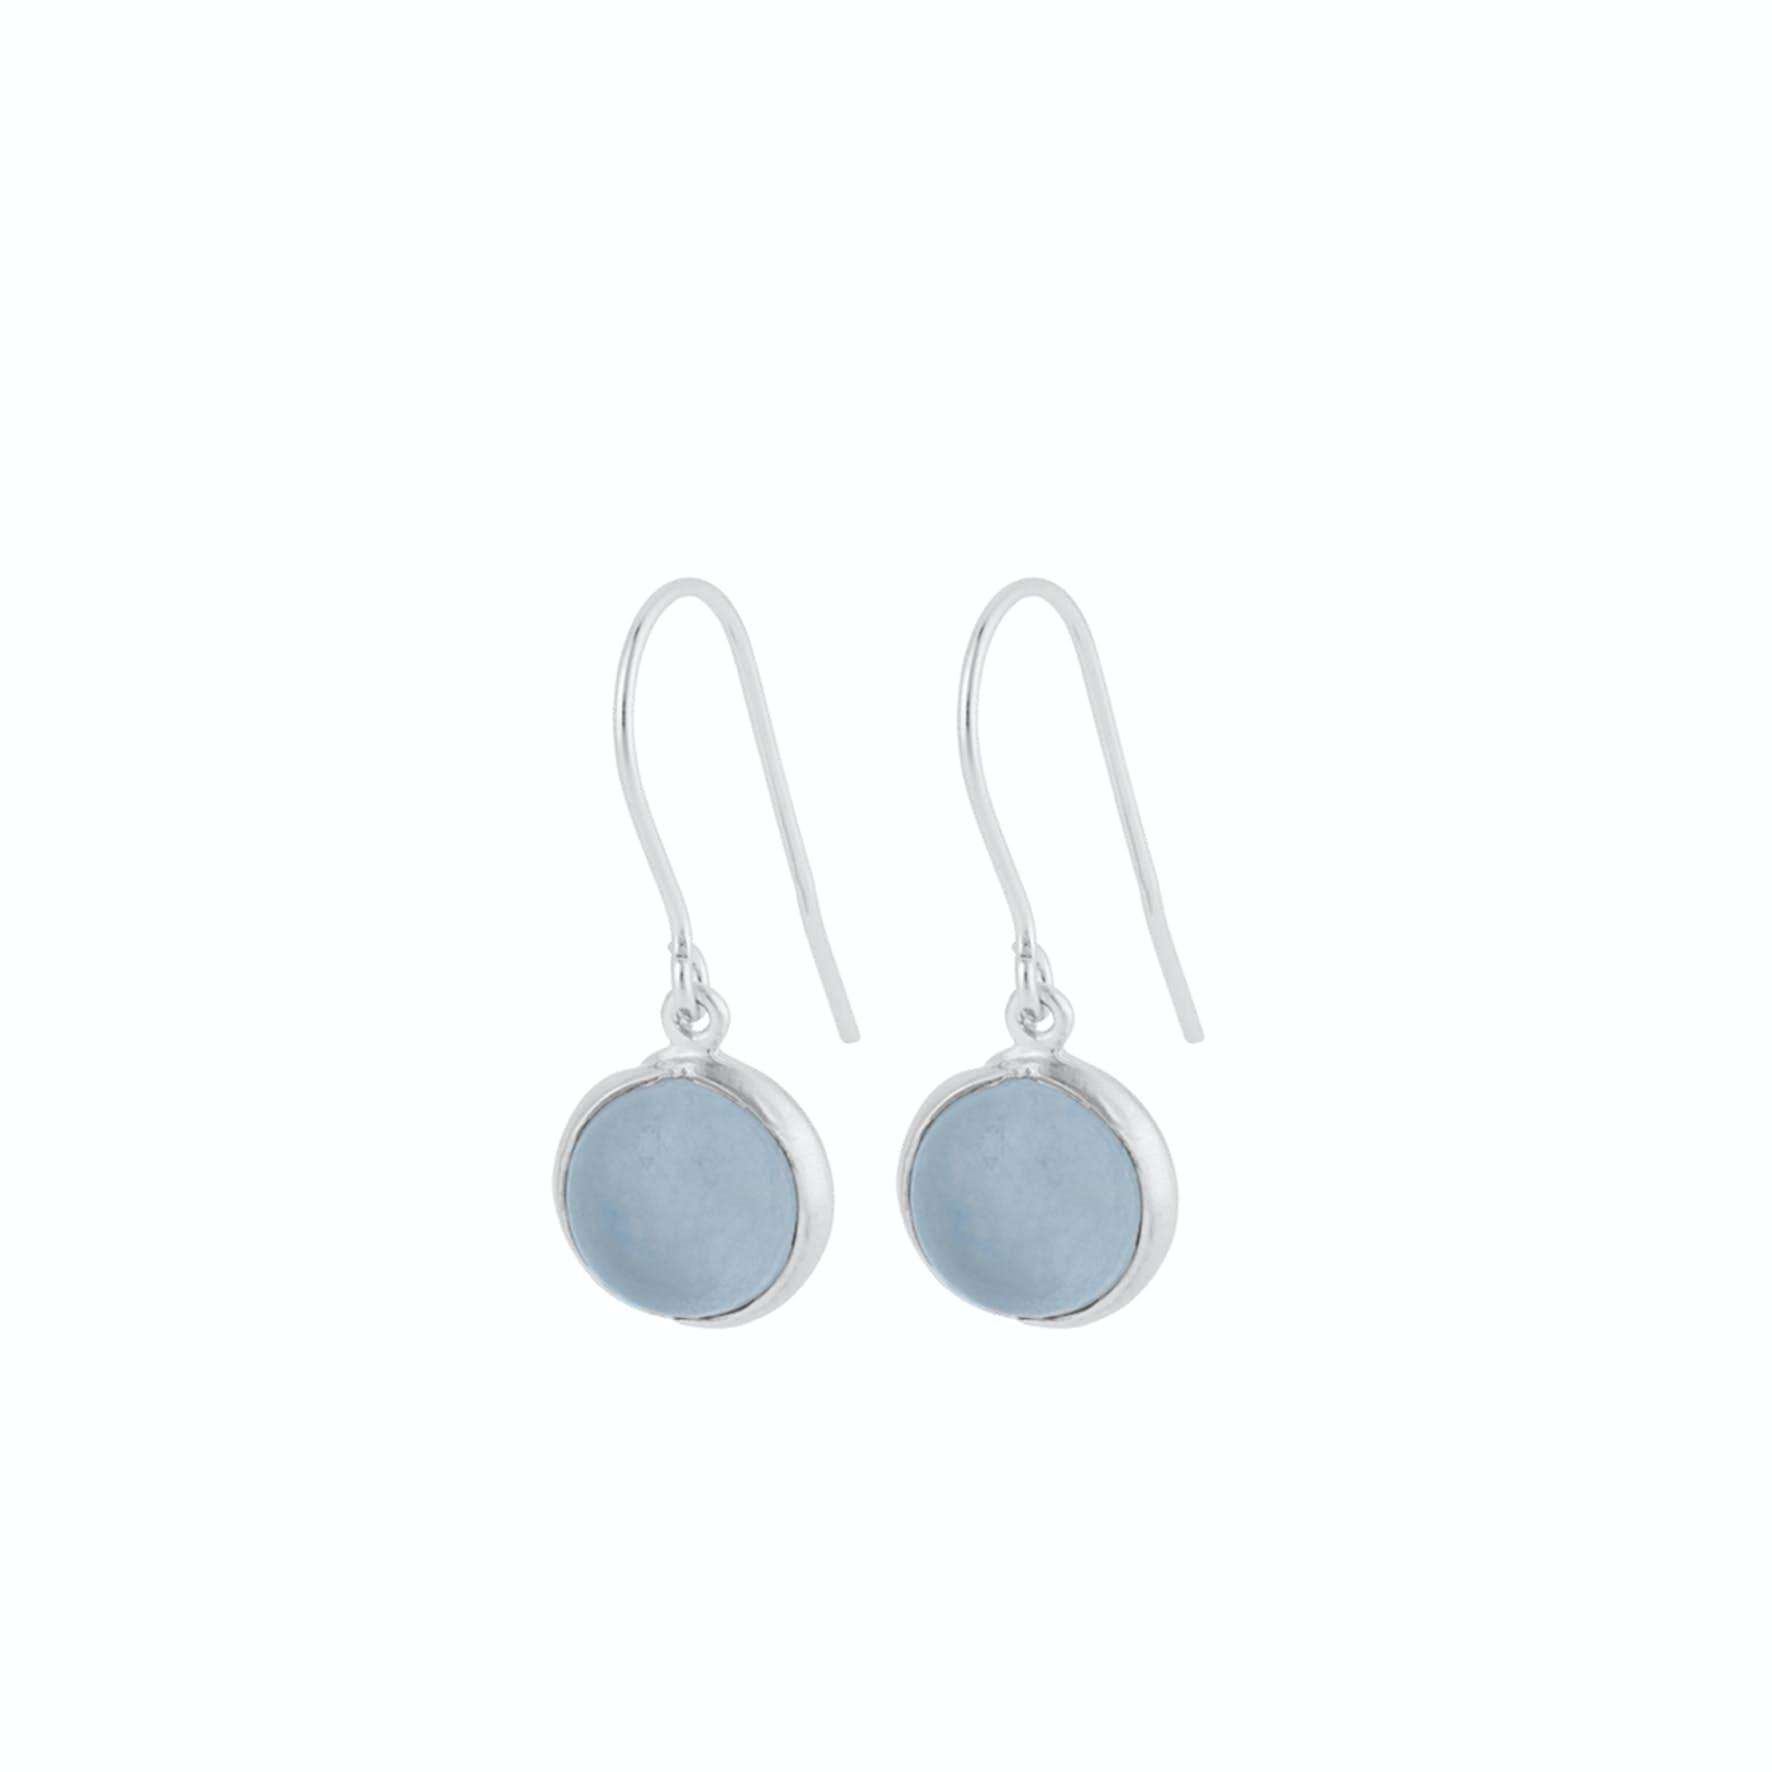 Aura Blue Earhooks fra Pernille Corydon i Sølv Sterling 925